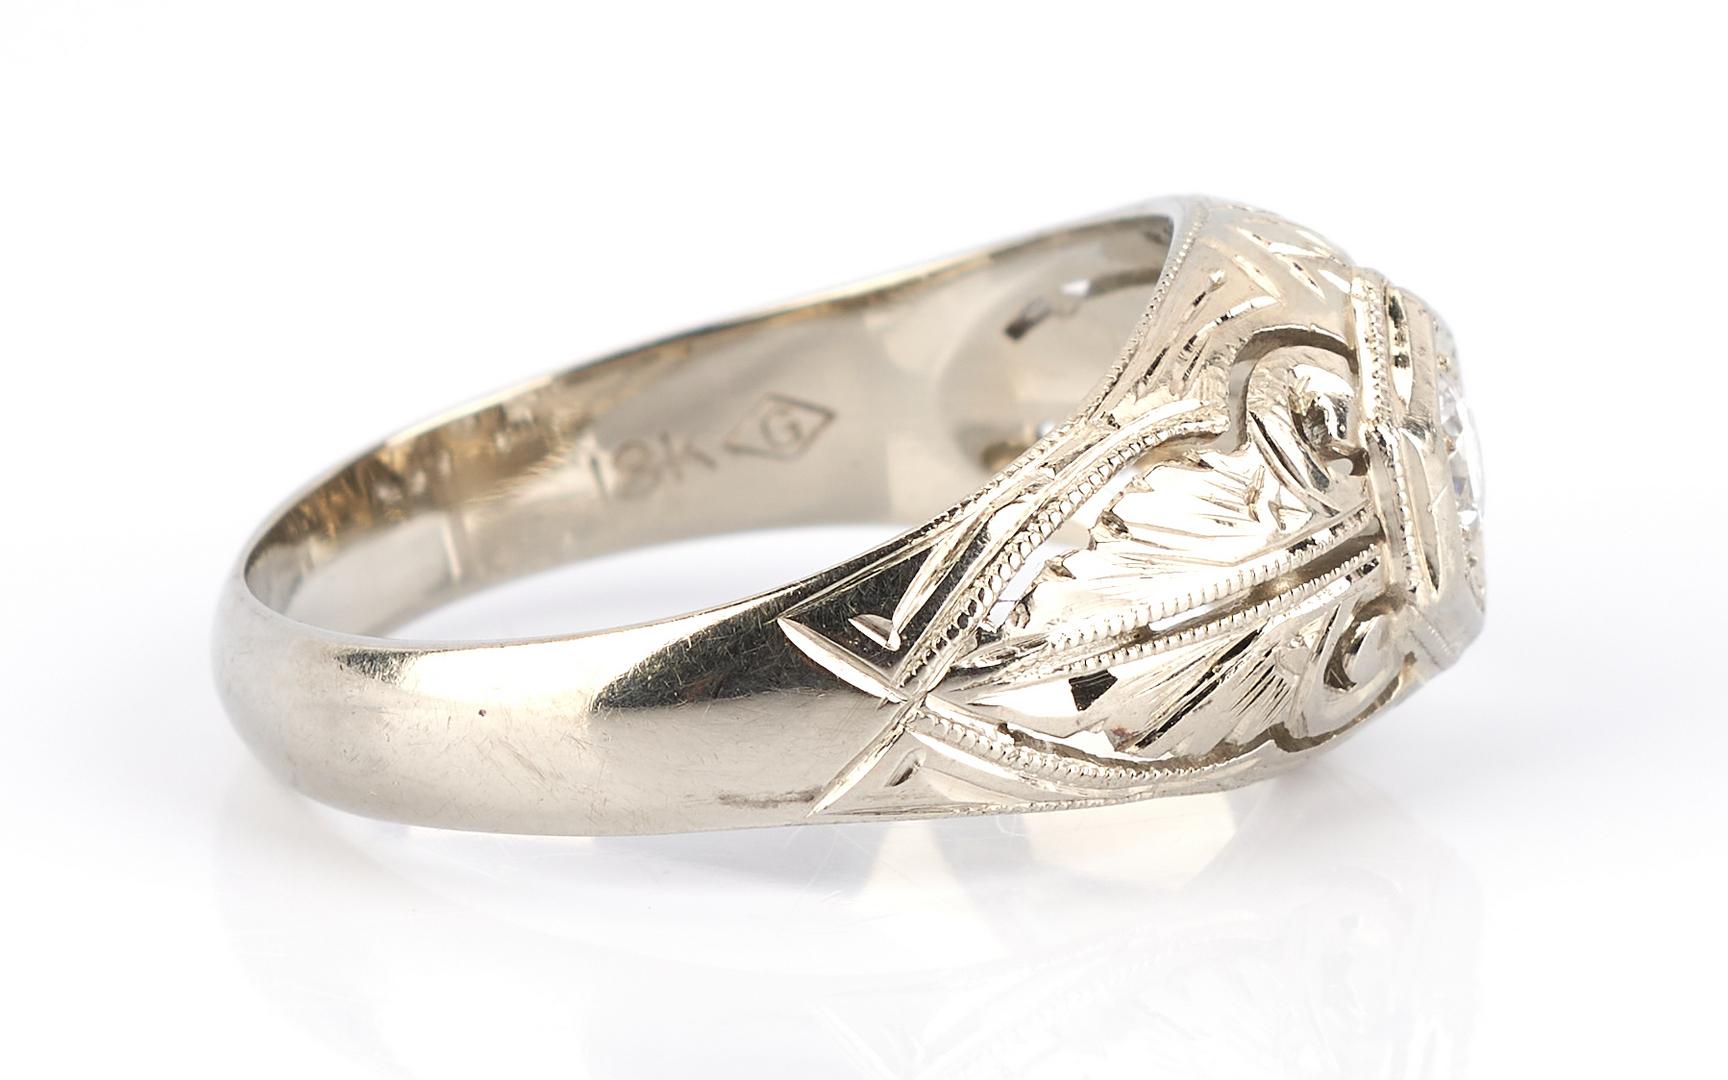 Lot 920: Ladies 18K White Gold Filigree & Diamond Ring